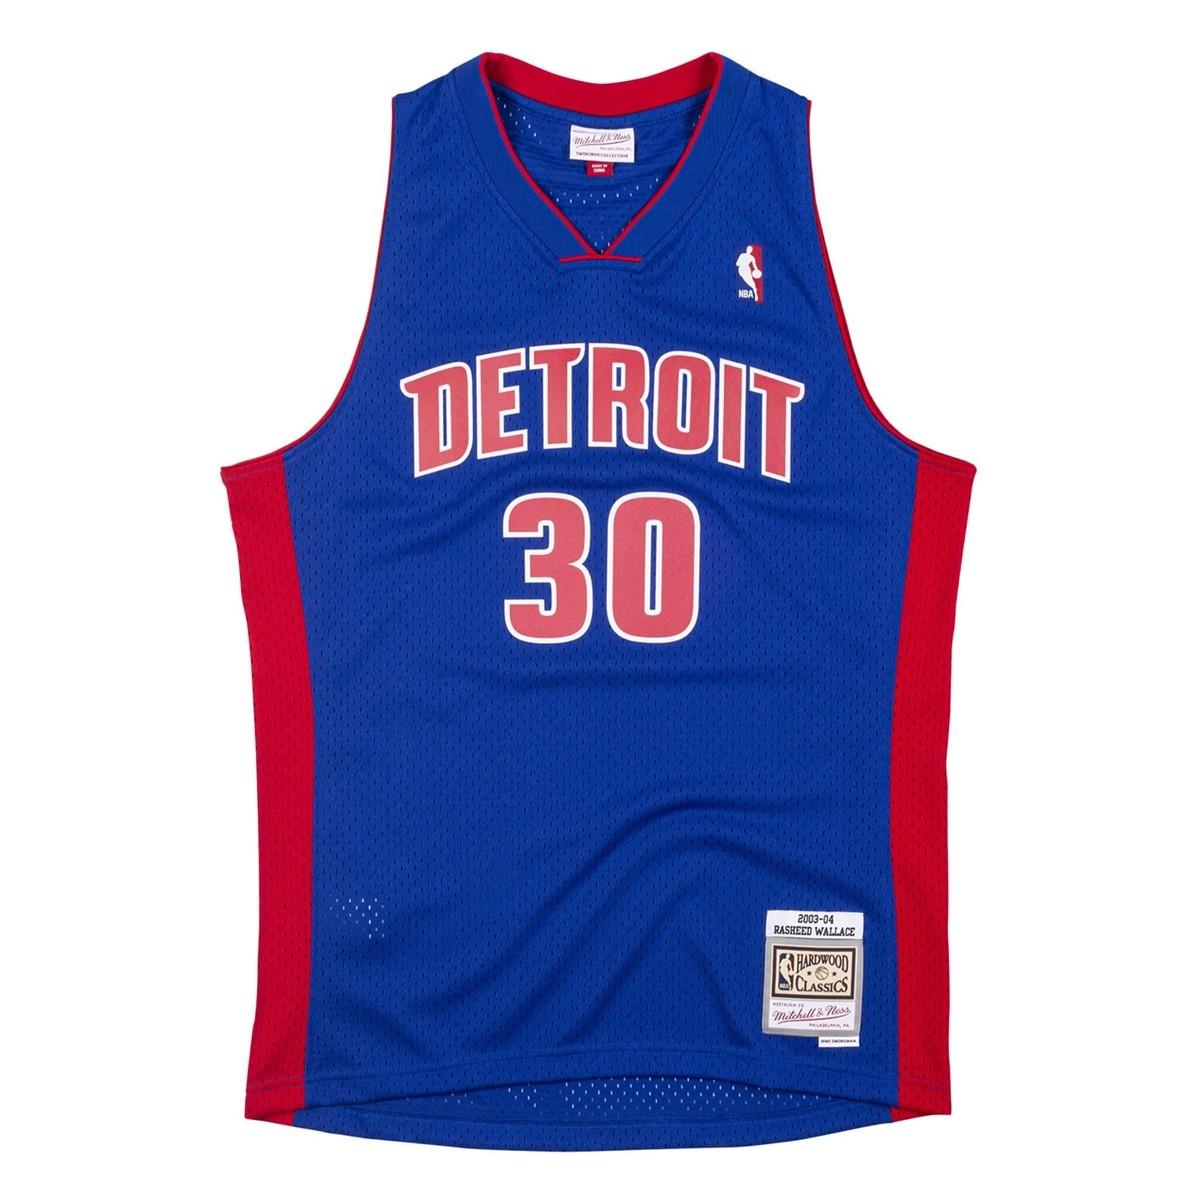 Mitchell & Ness Swingman Jersey Detroit Pistons Rasheed Wallace '2003-04'